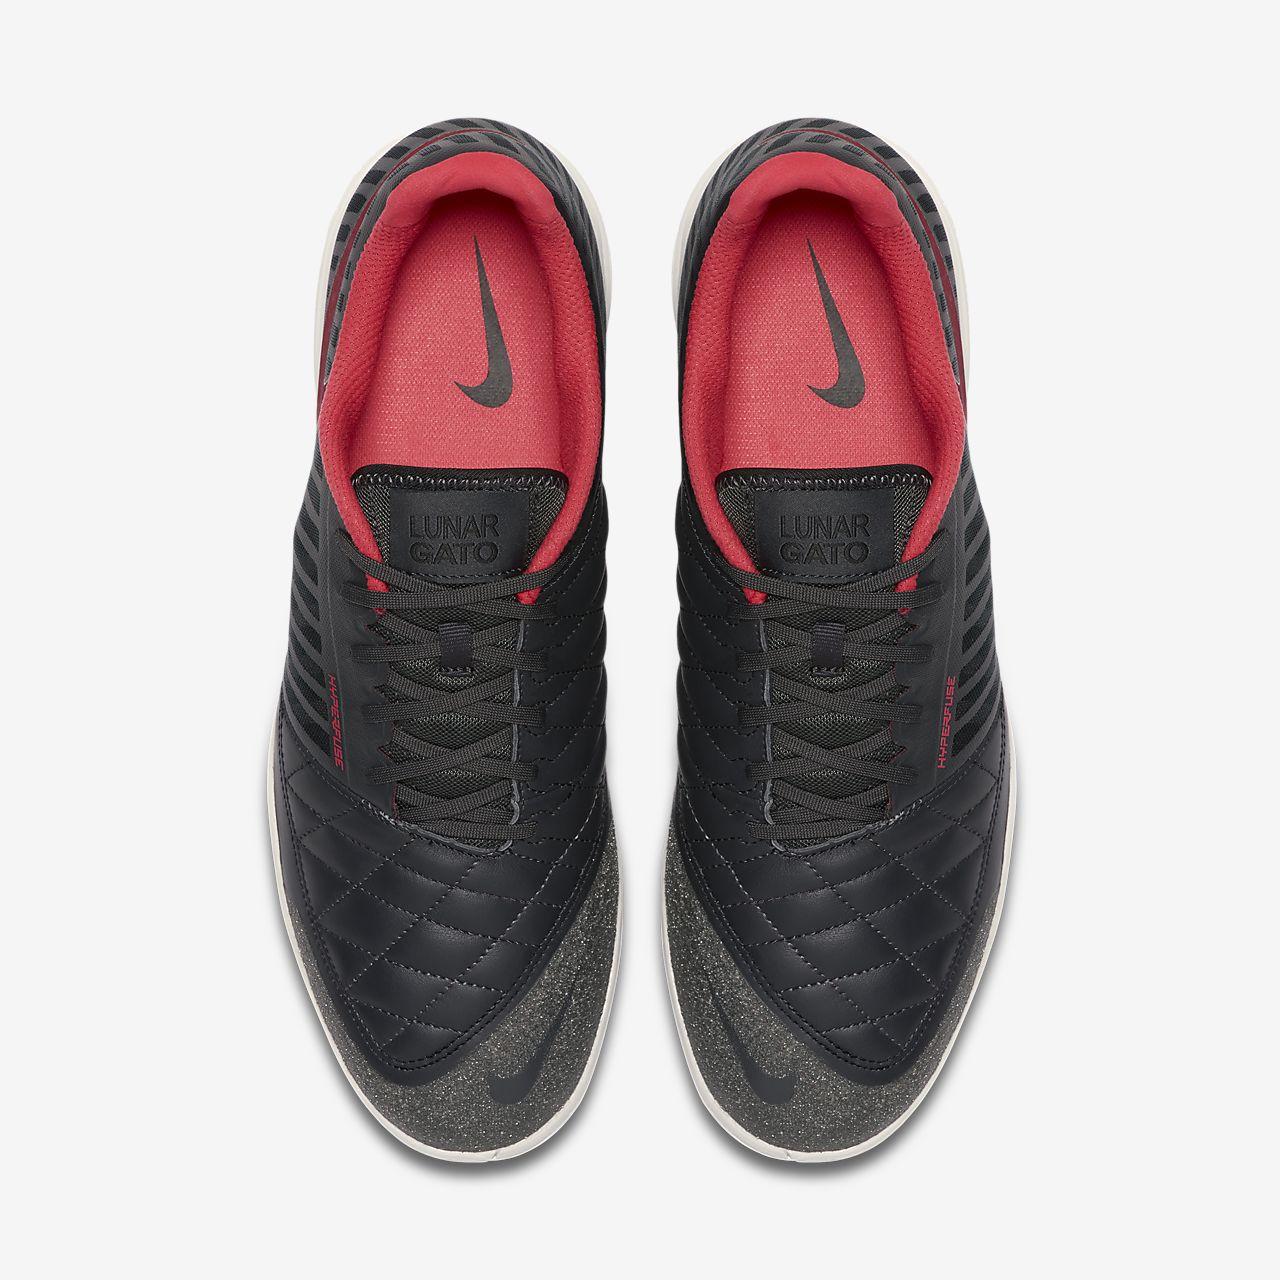 0c5347c309e7 FC247 LunarGato II Football Shoe. Nike.com NZ